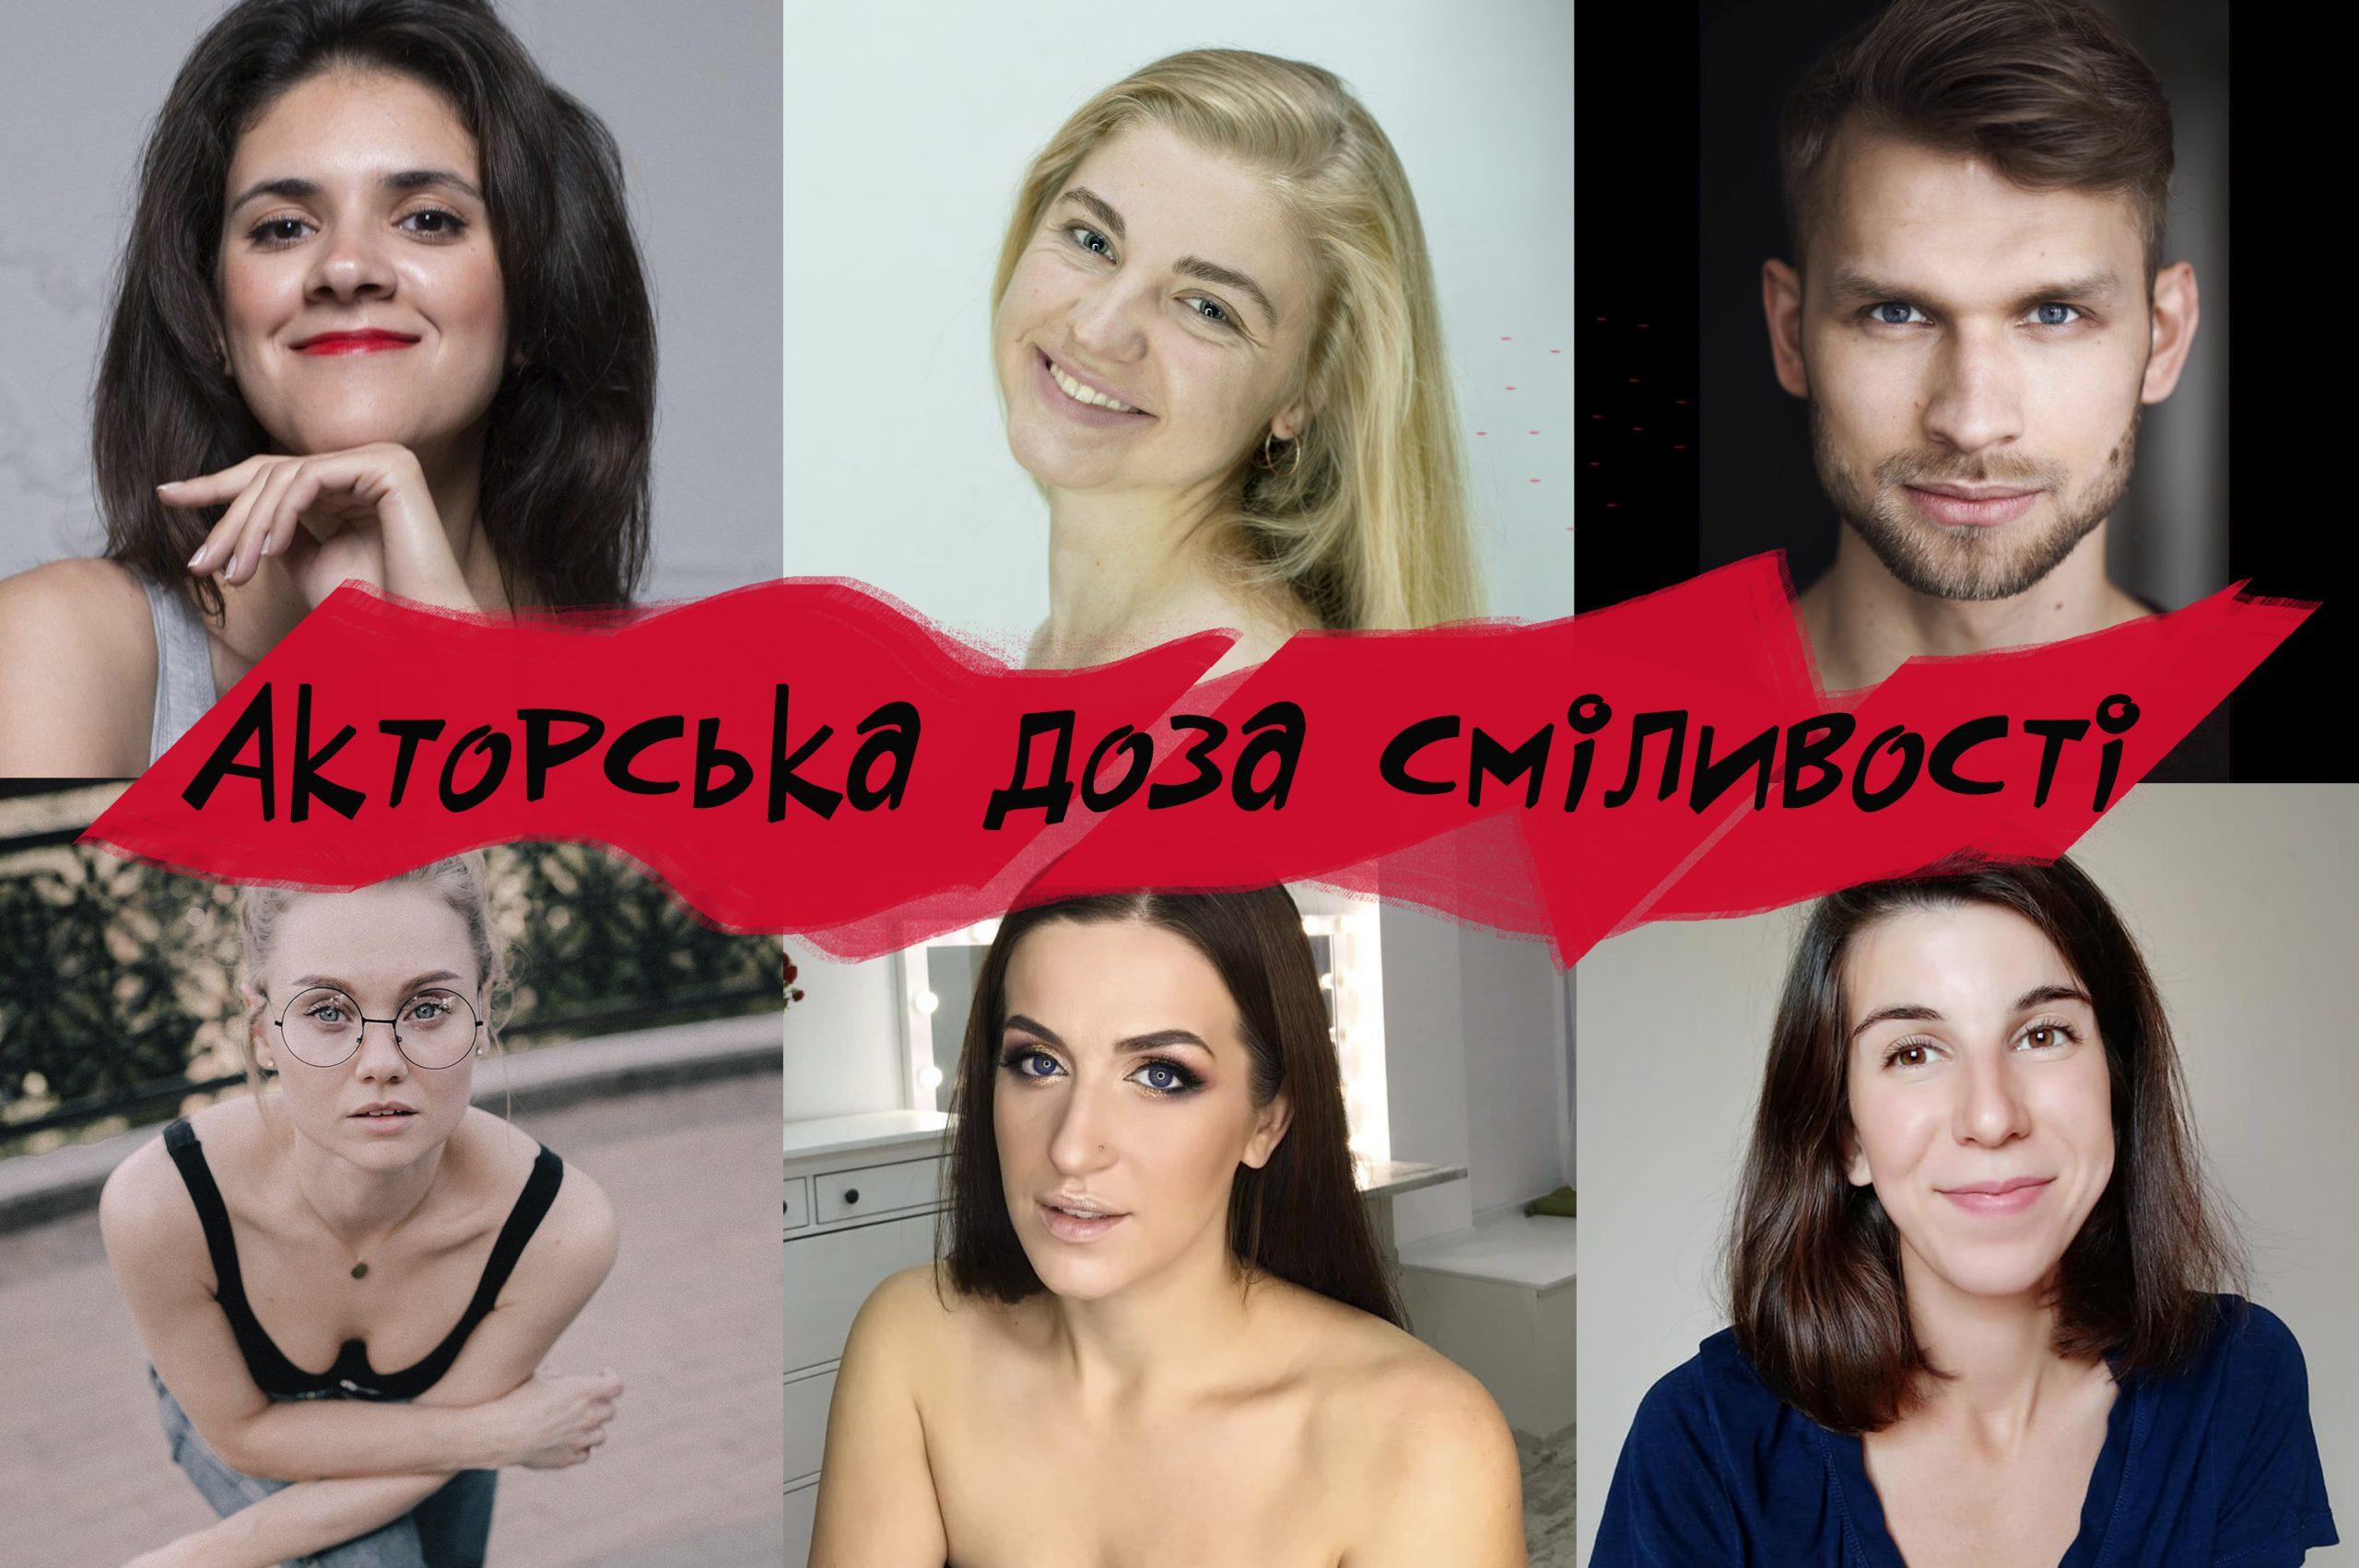 Акторська сміливість. П'ять реальних історій від українских акторів